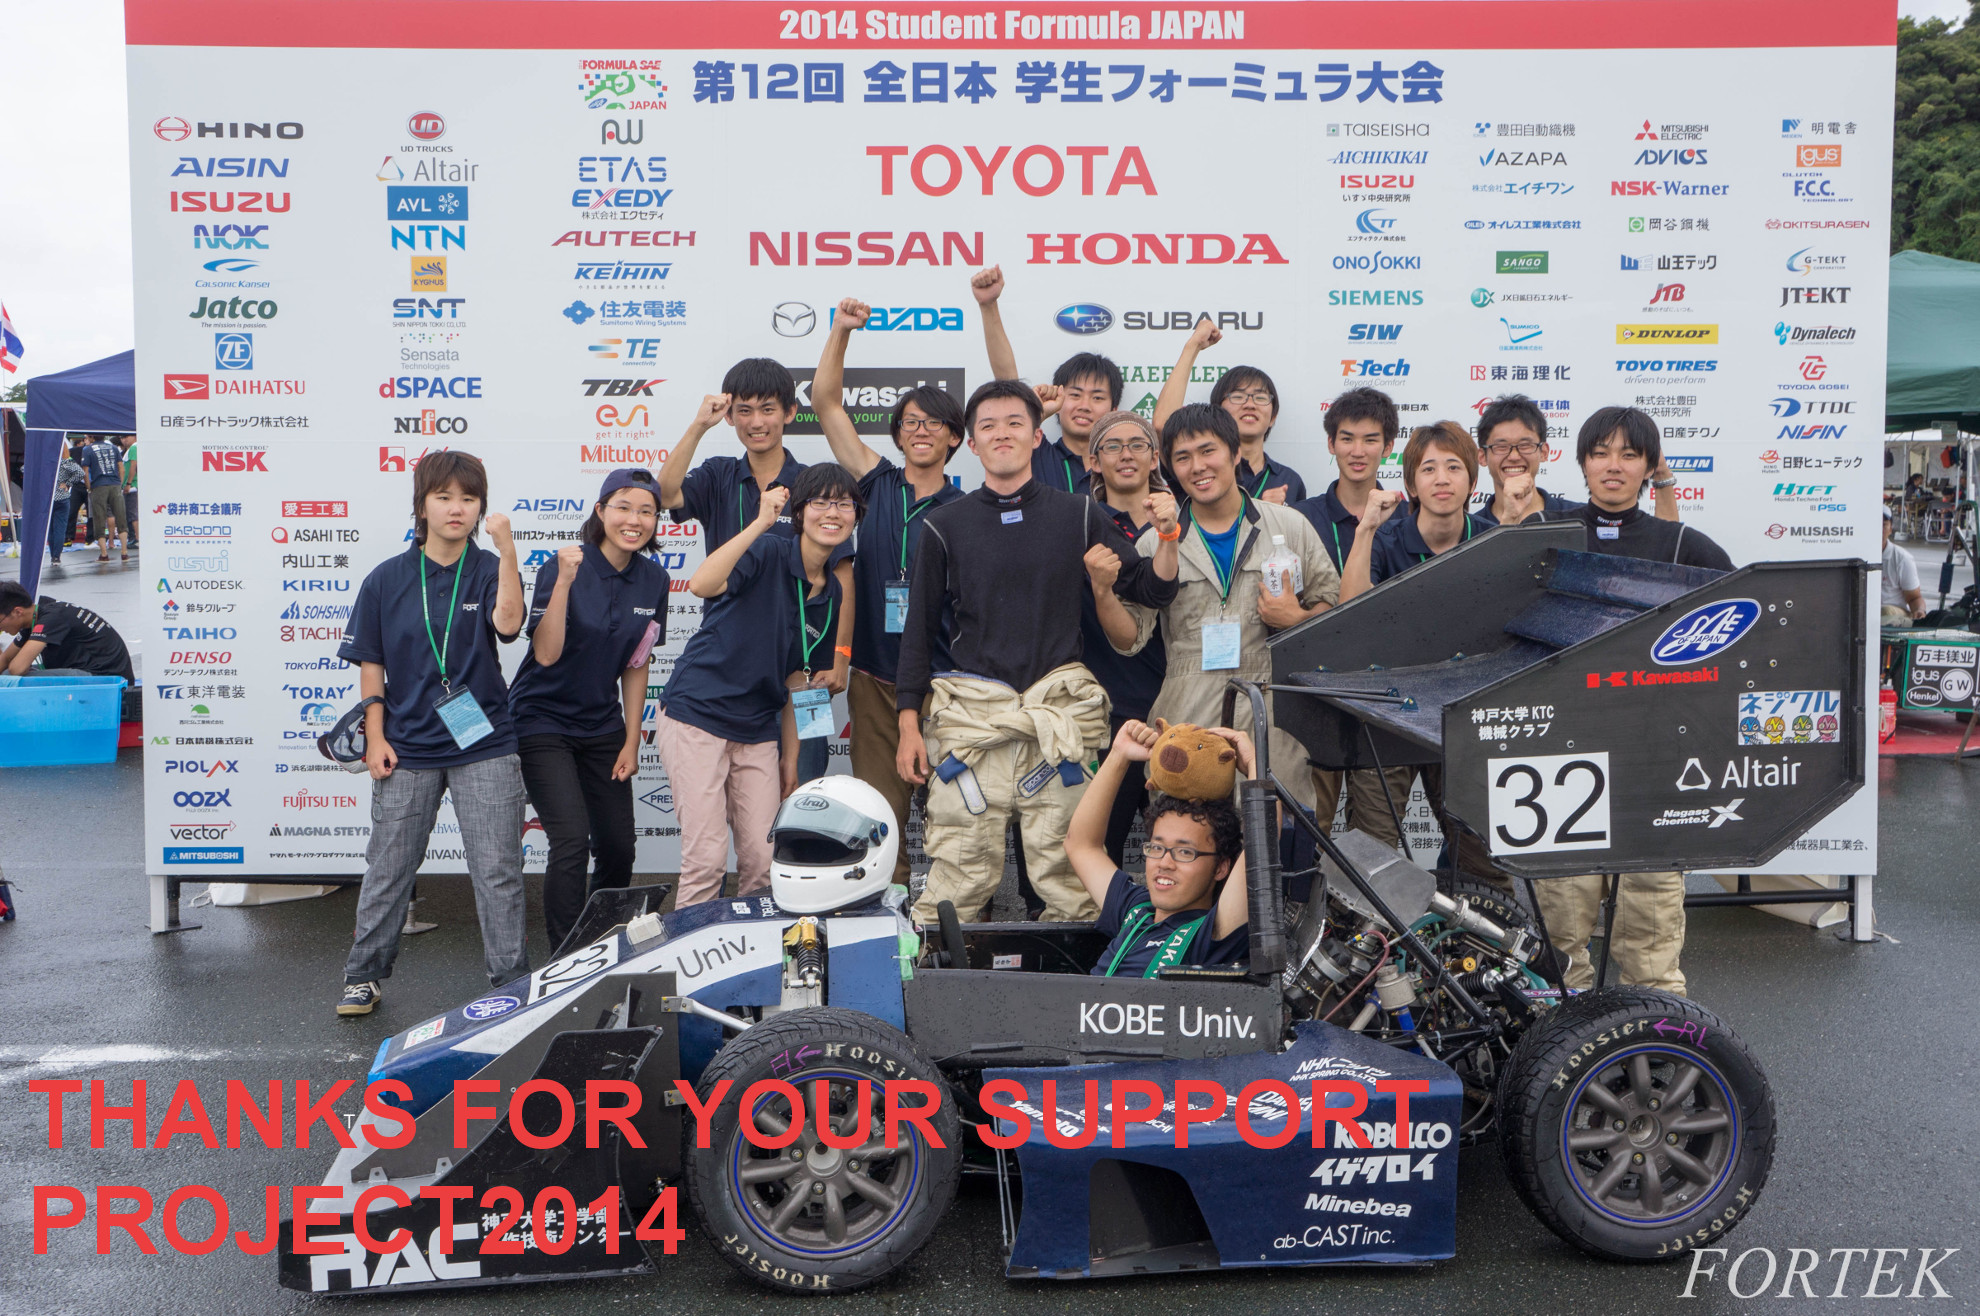 【日本語事例】神戸大学、全日本学生フォーミュラ大会用車両のブレーキペダルをInspireで63%重量削減